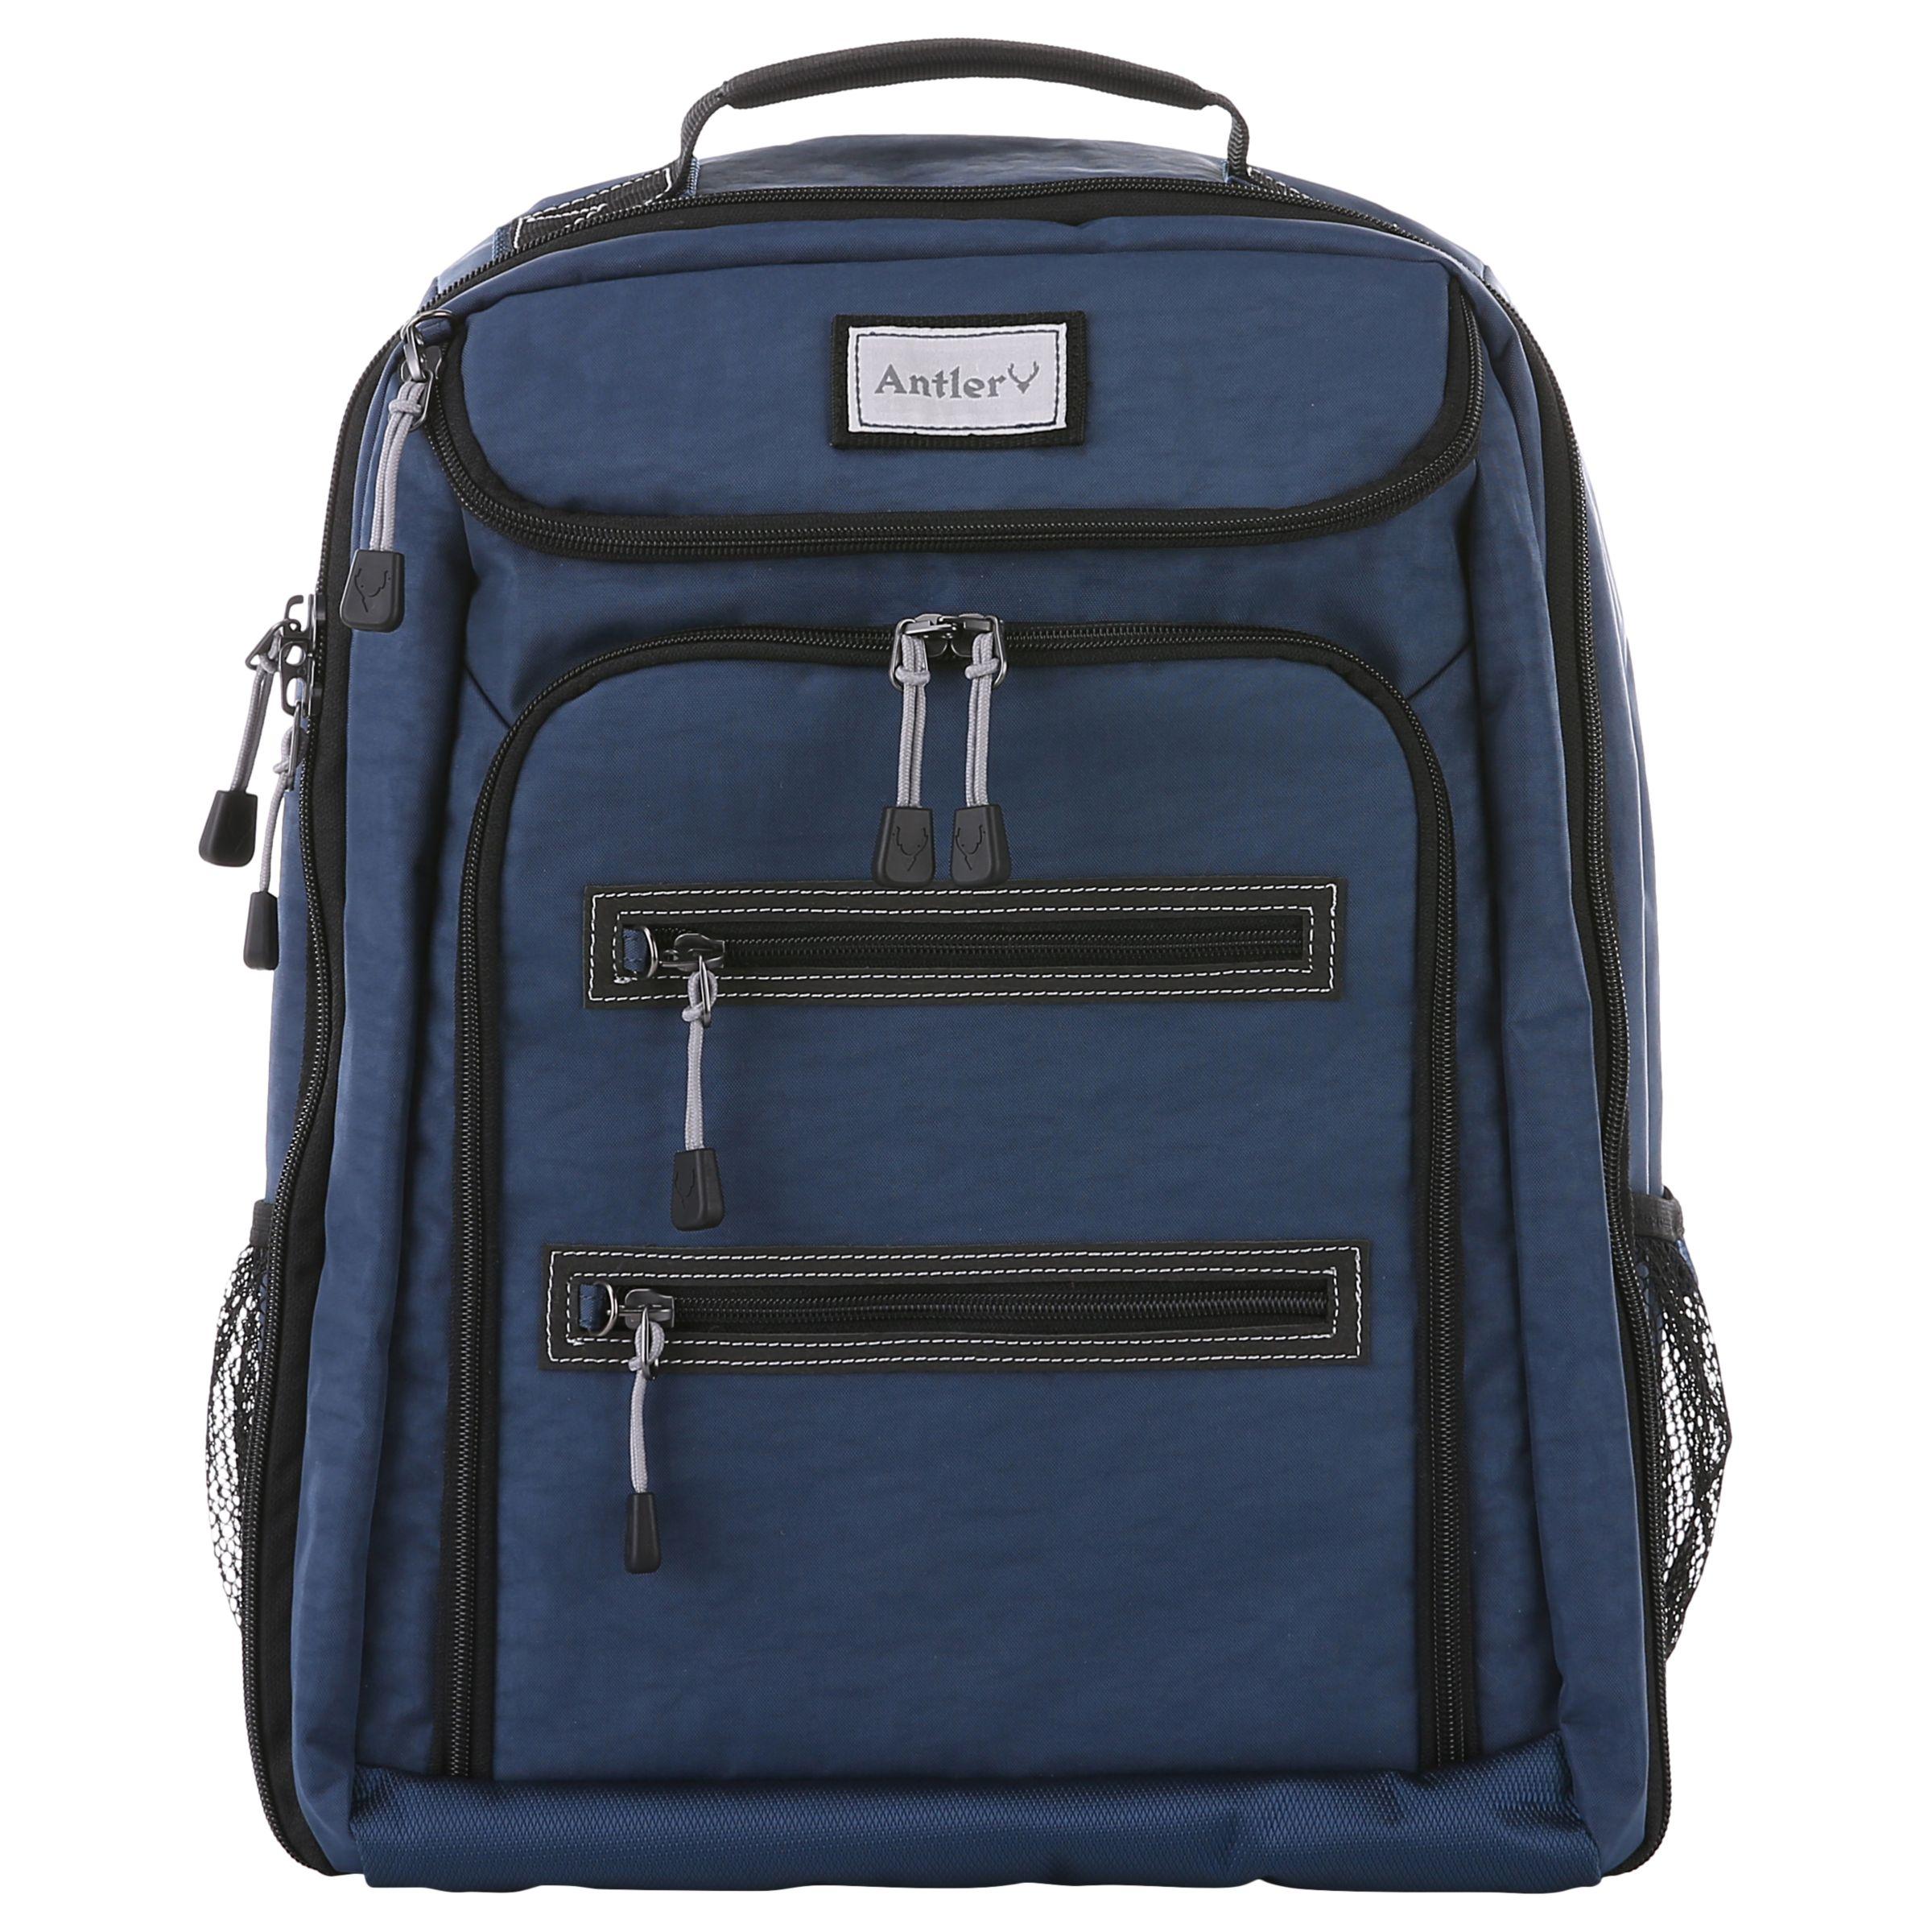 Antler Antler Urbanite Evolve Backpack